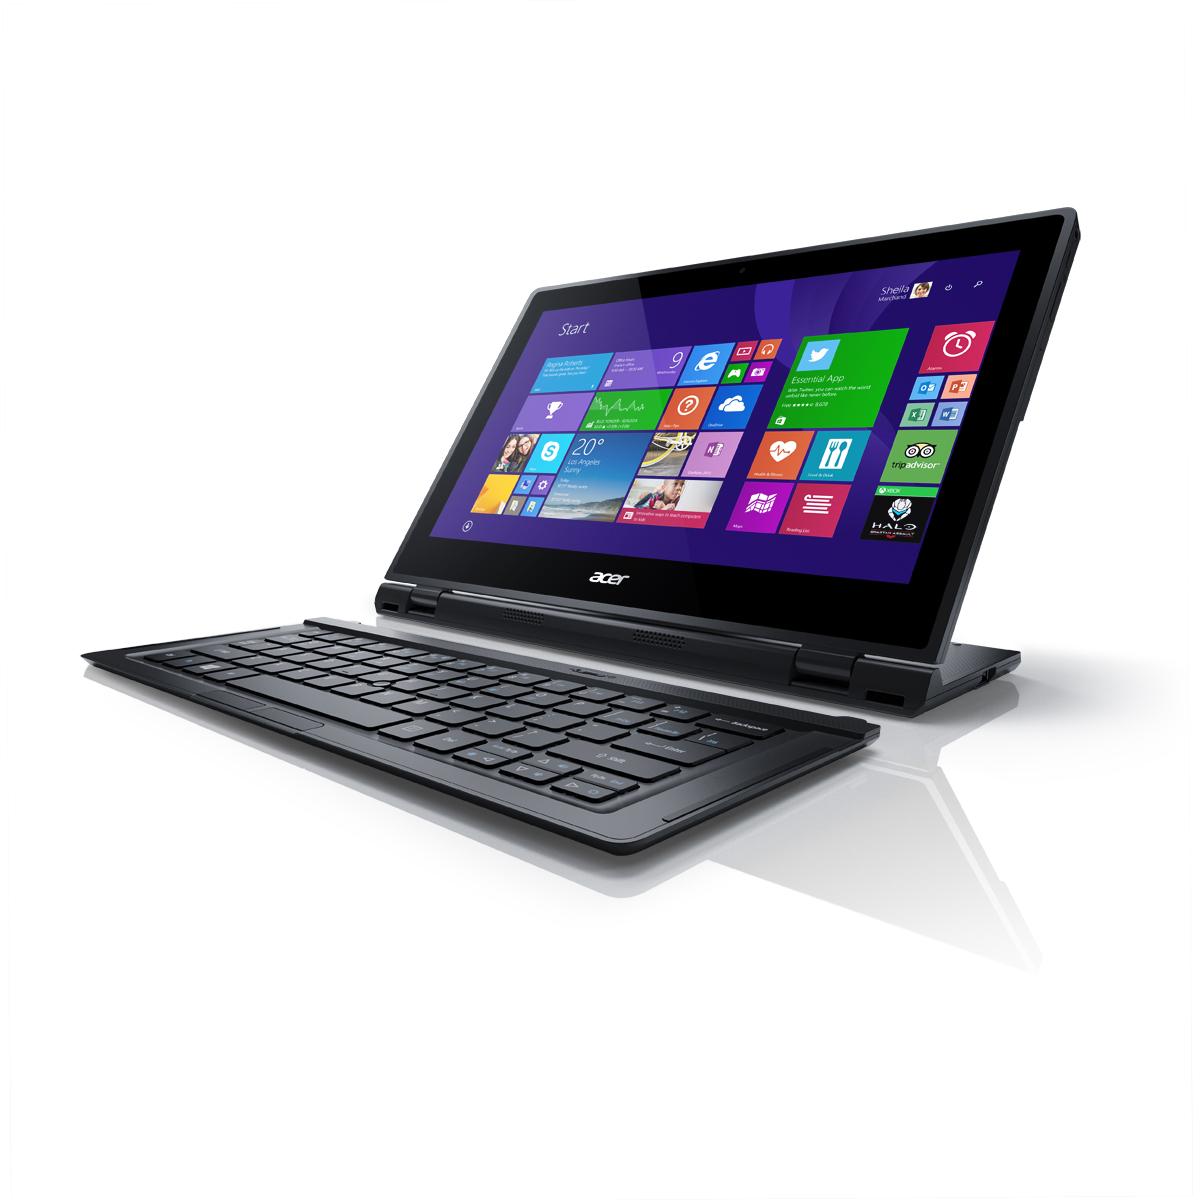 Prognoza: notebooki bez wentylatorów na razie nie podbiją rynku